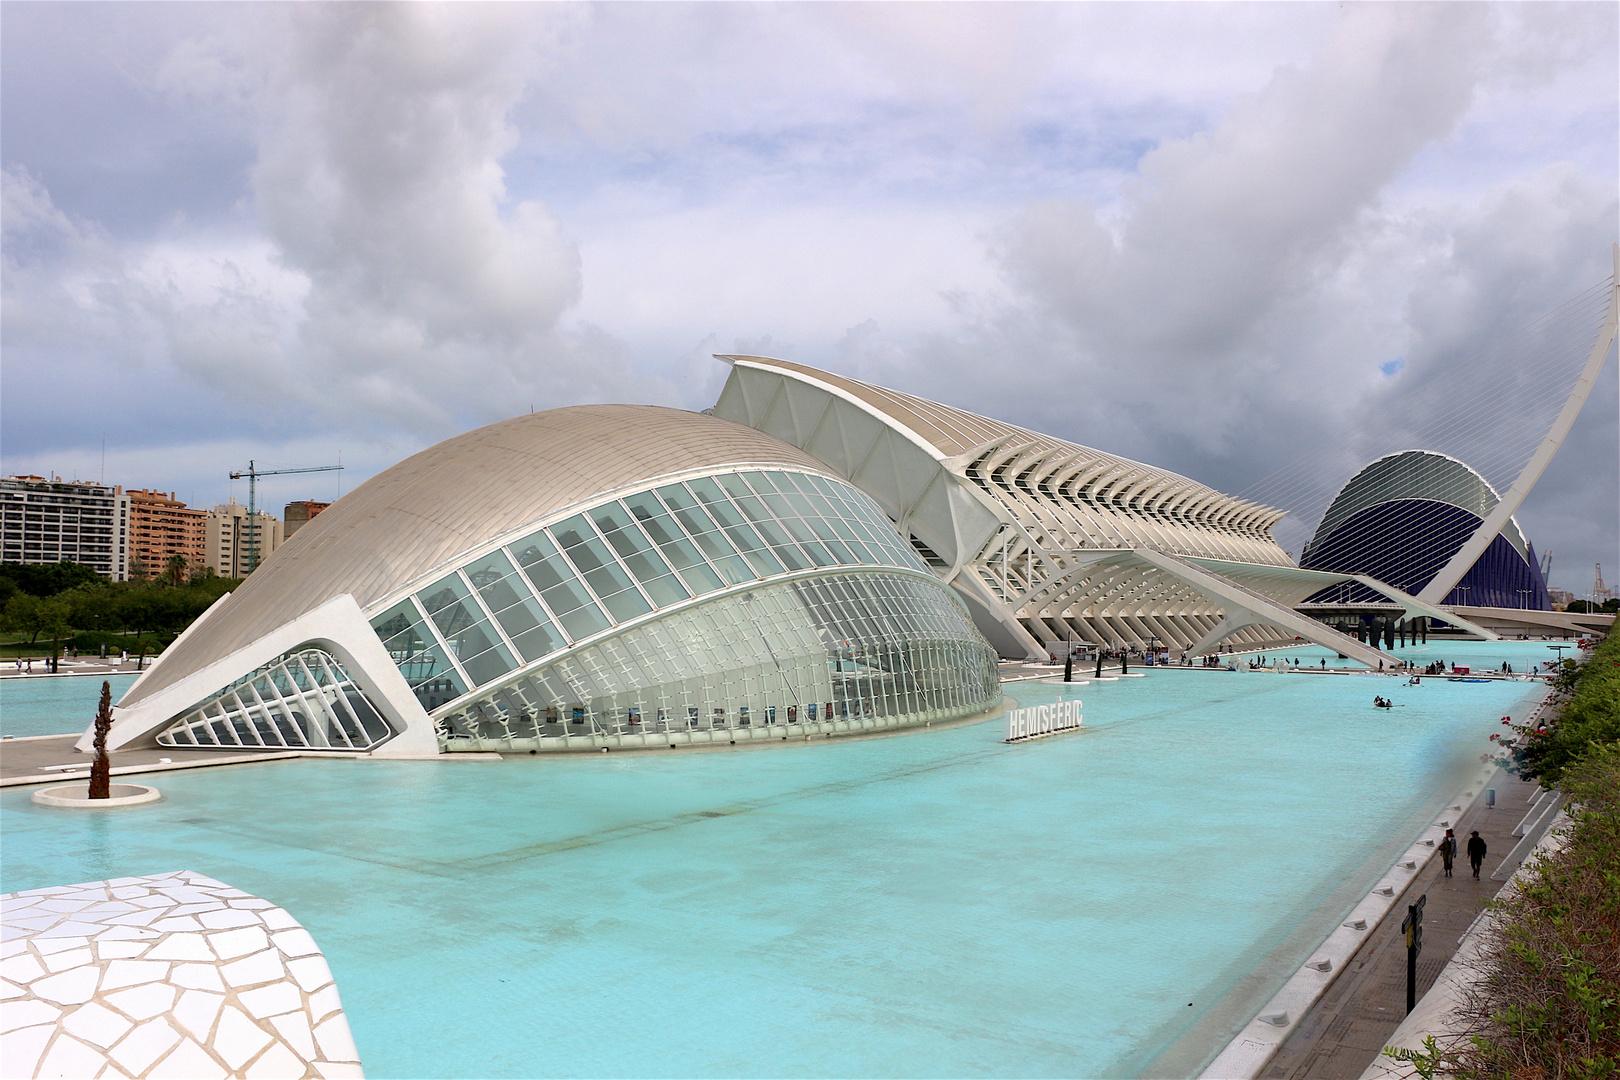 Valencia e la Città delle Arti e delle Scienze